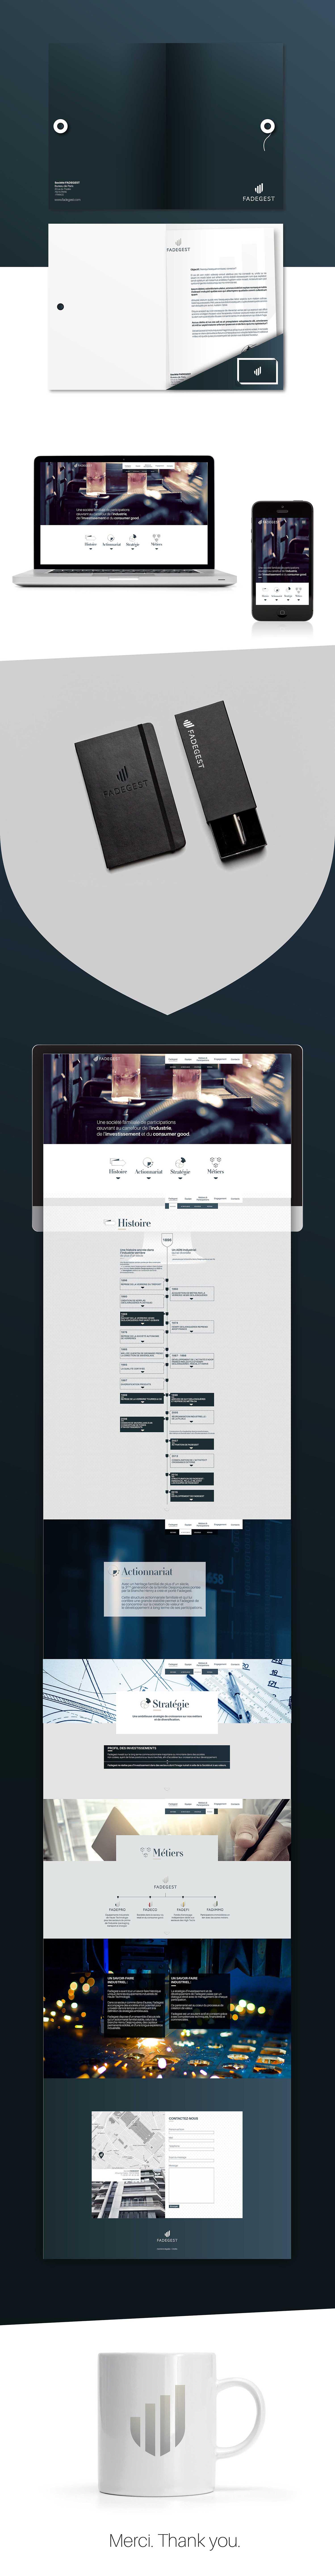 CHARTE-GRAPHIQUE-LOGO-IDENTITE-VISUELLE-DECLINAISON-SITE-INTERNET-RESPONSIVE-WEB-DESIGN